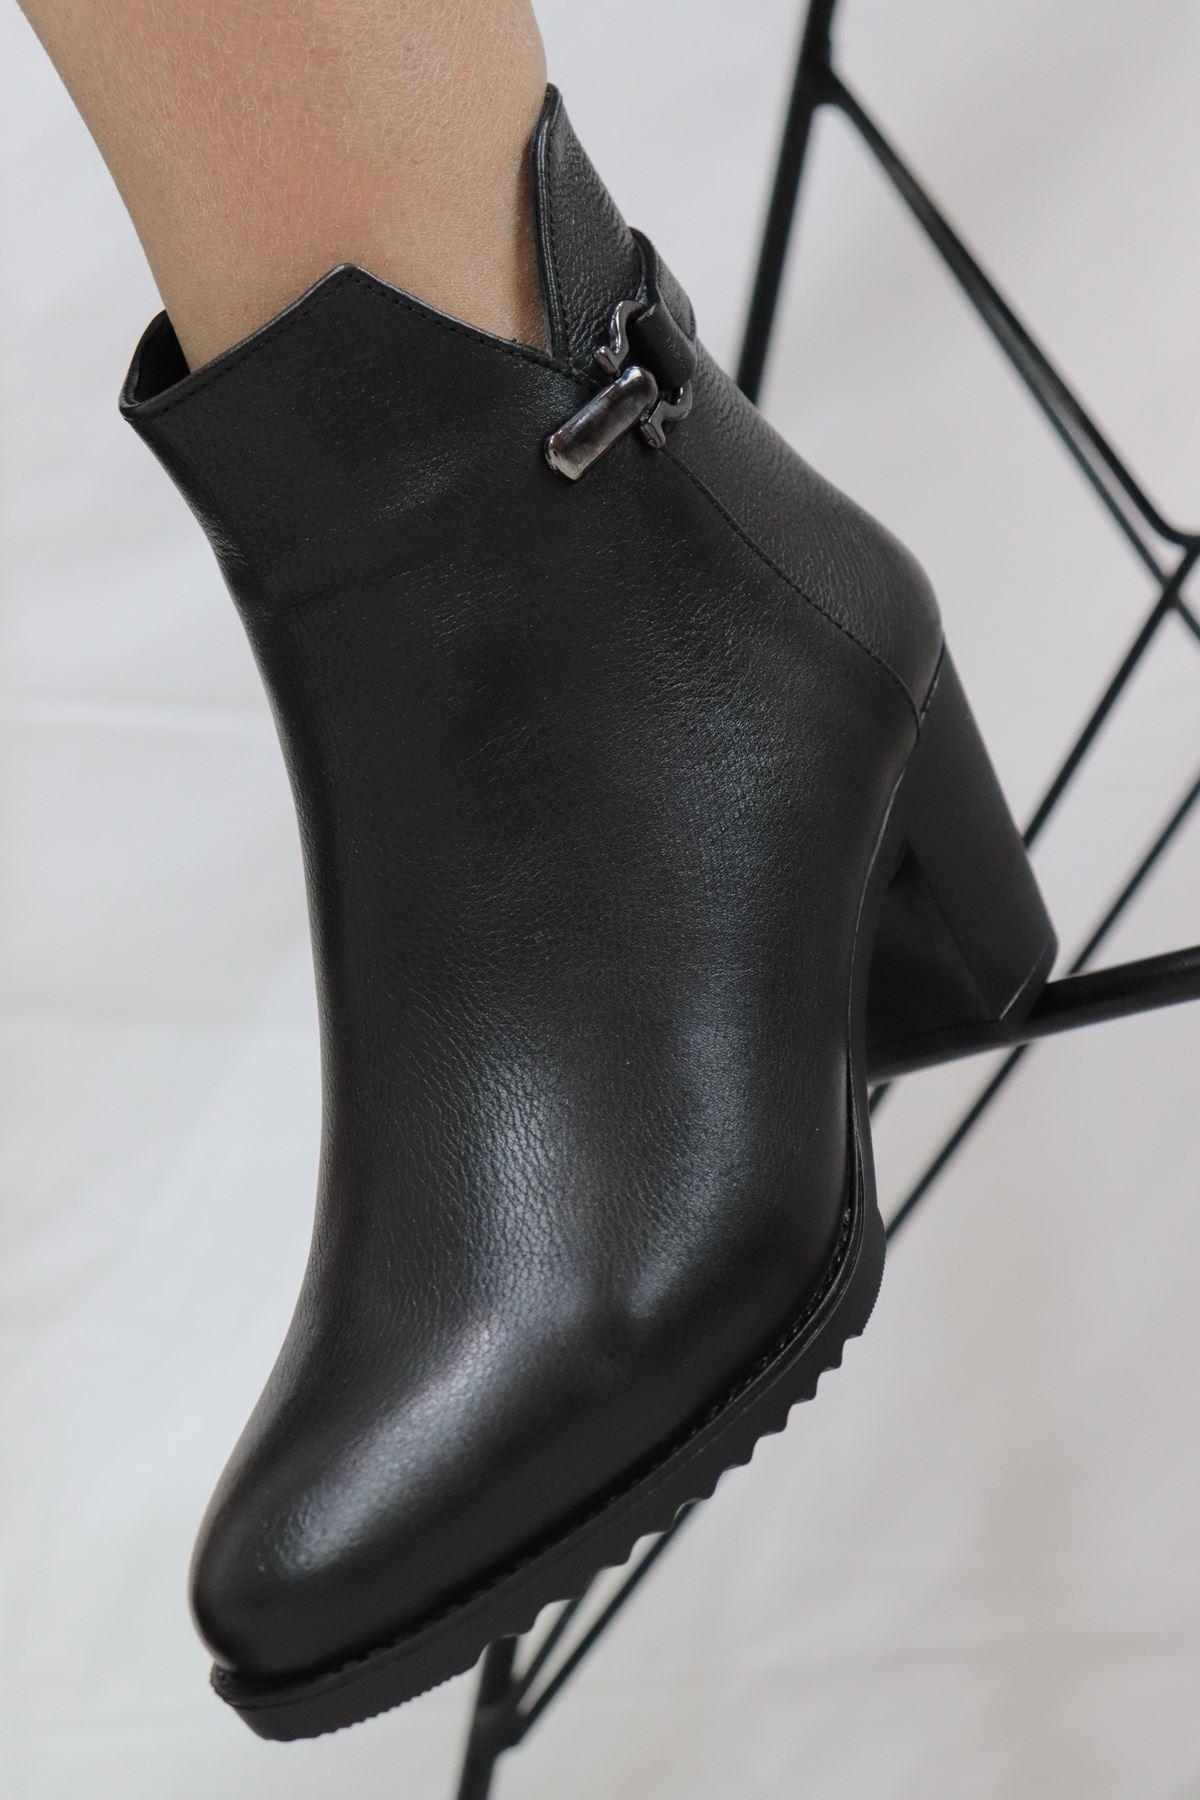 Trendayakkabi - 6941-1 Hakiki Deri Siyah Kadın Bot